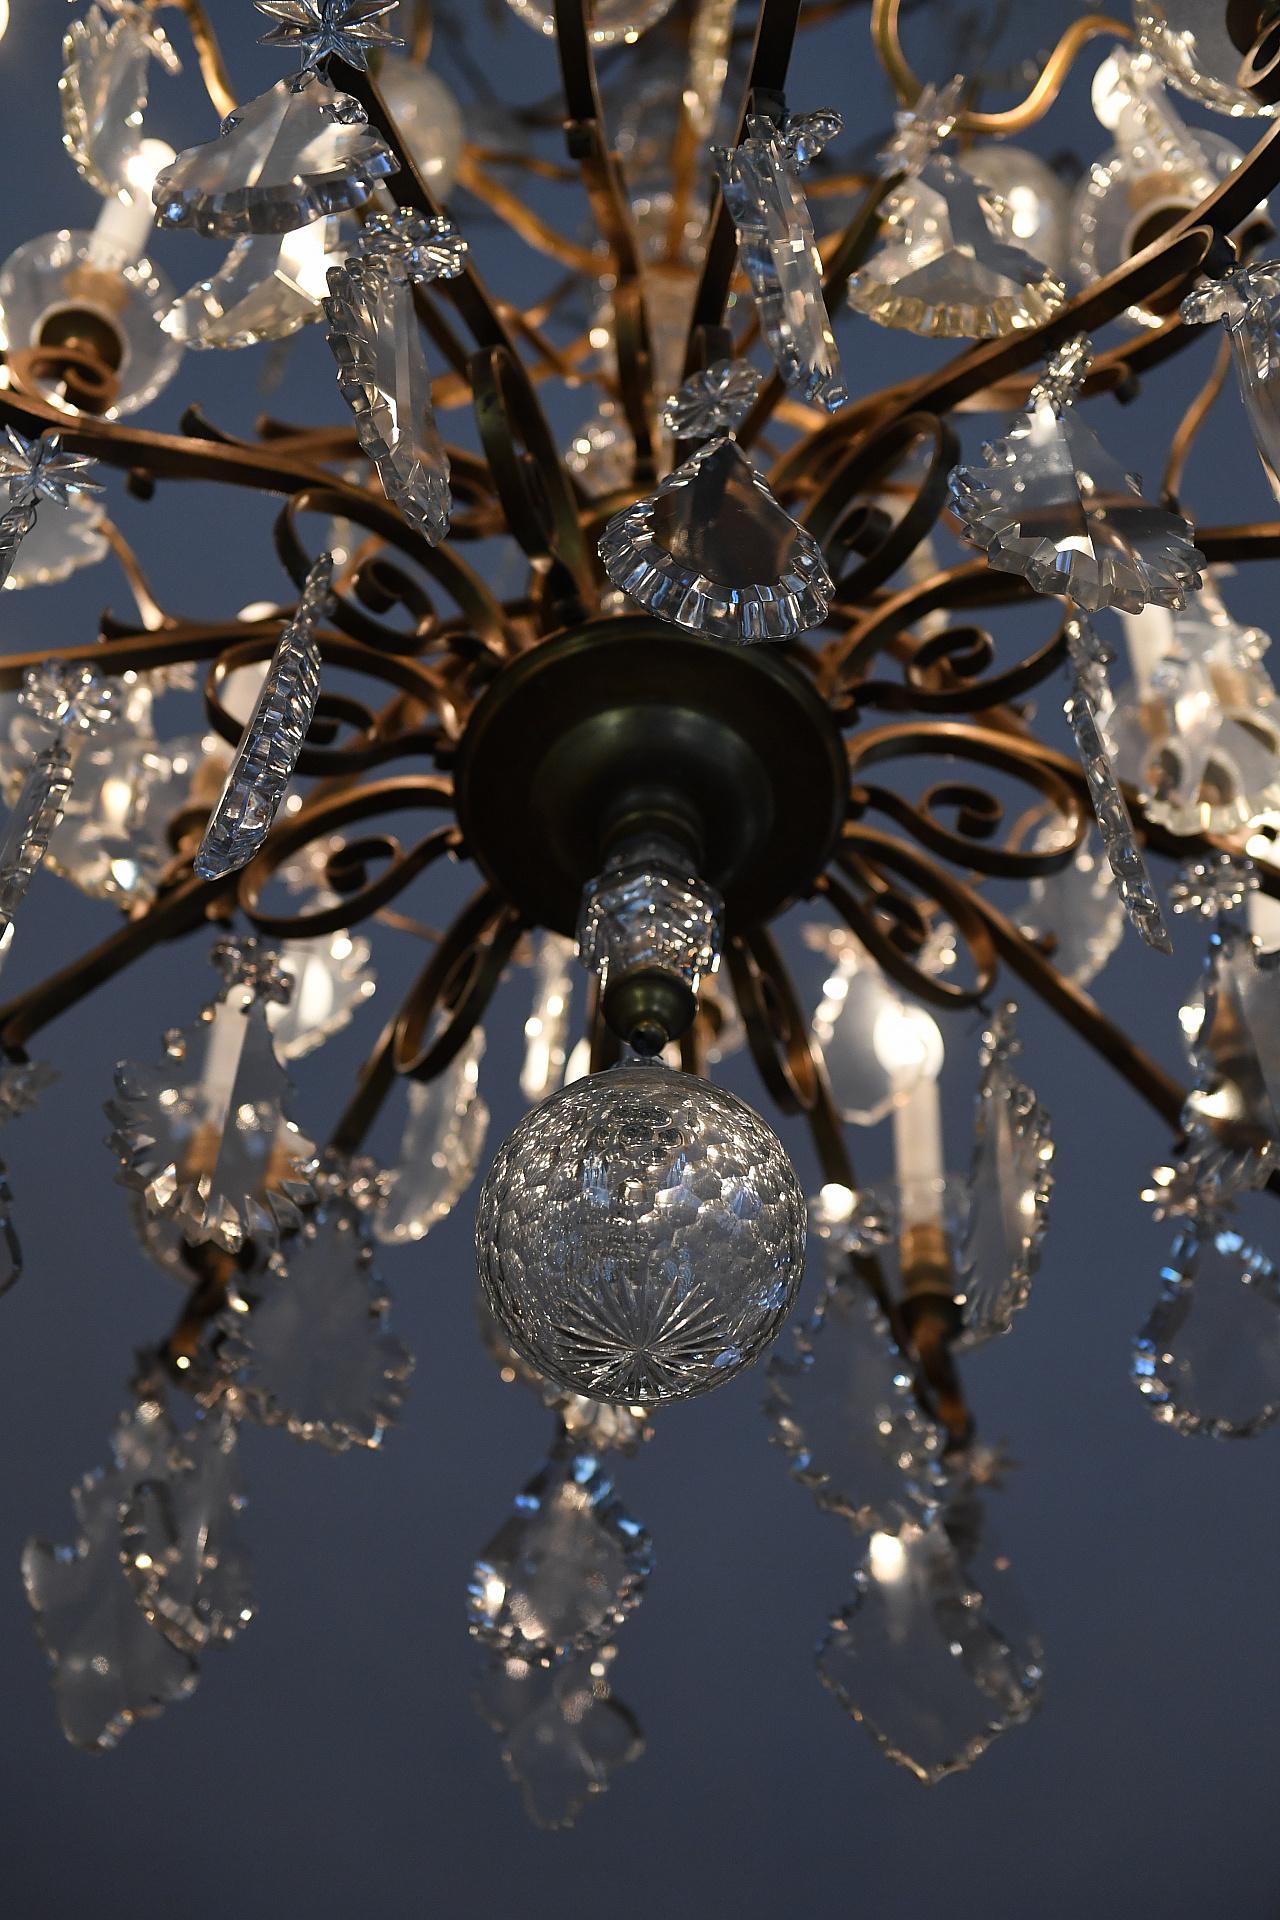 Dos arañas de cristales de Baccarat, ambas originales del siglo pasado y traídas de Francia, visten el salón de baile